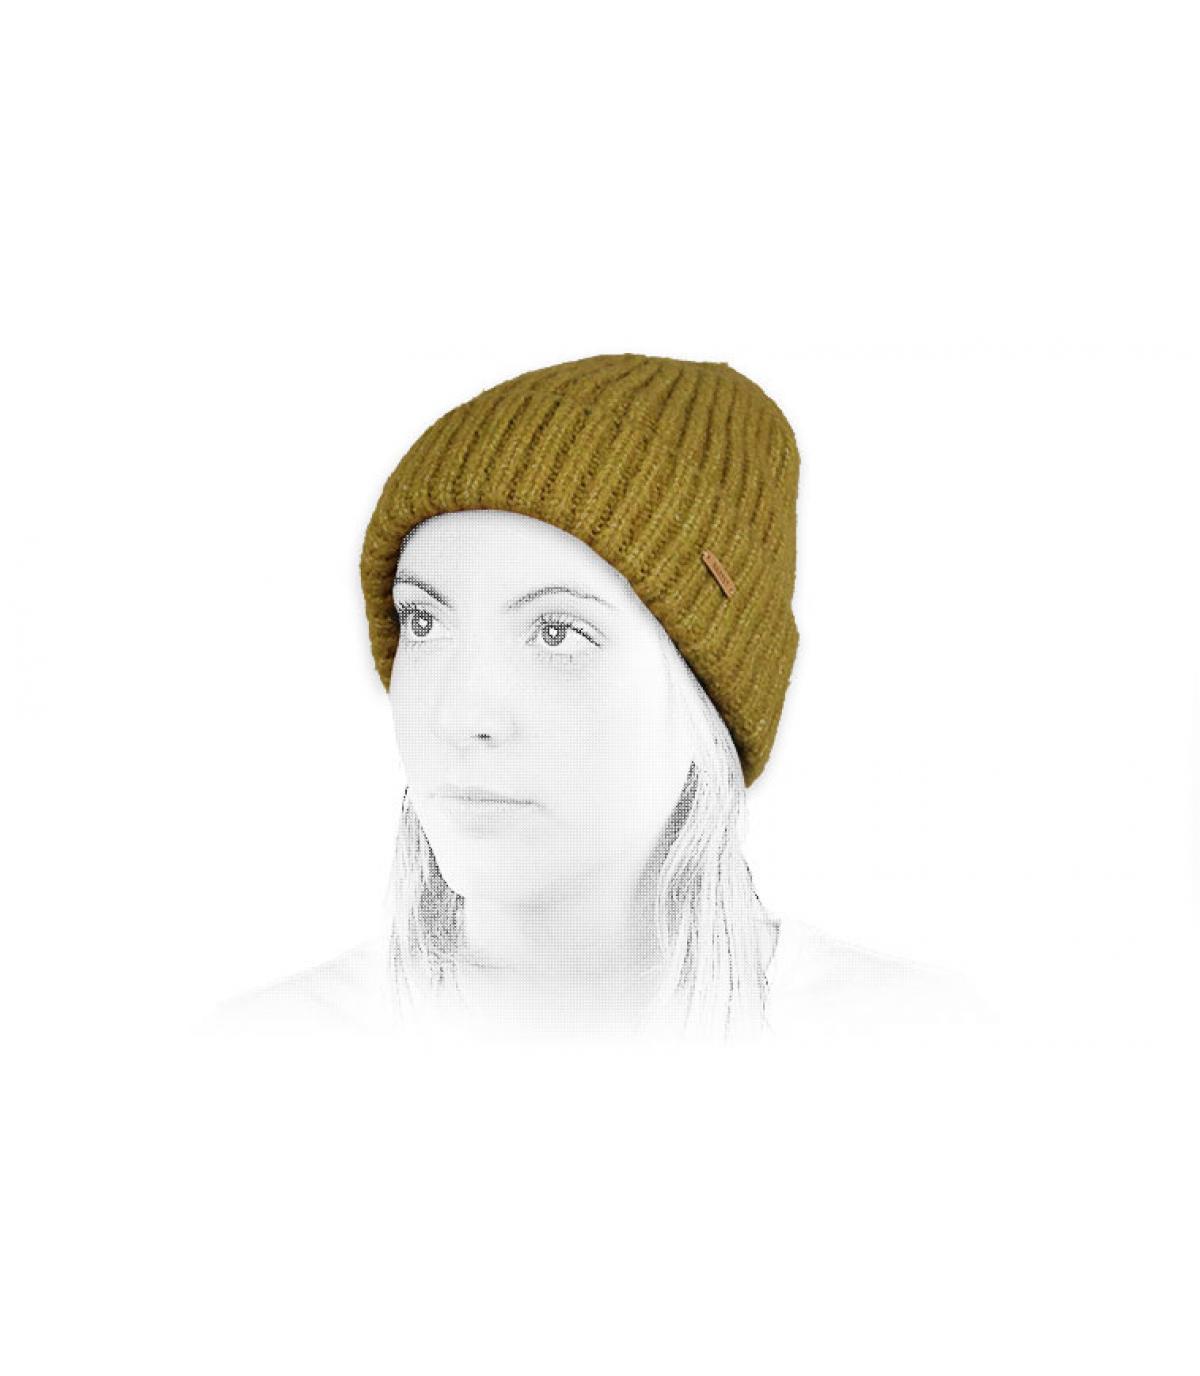 Détails Adena Beanie mustard - image 4